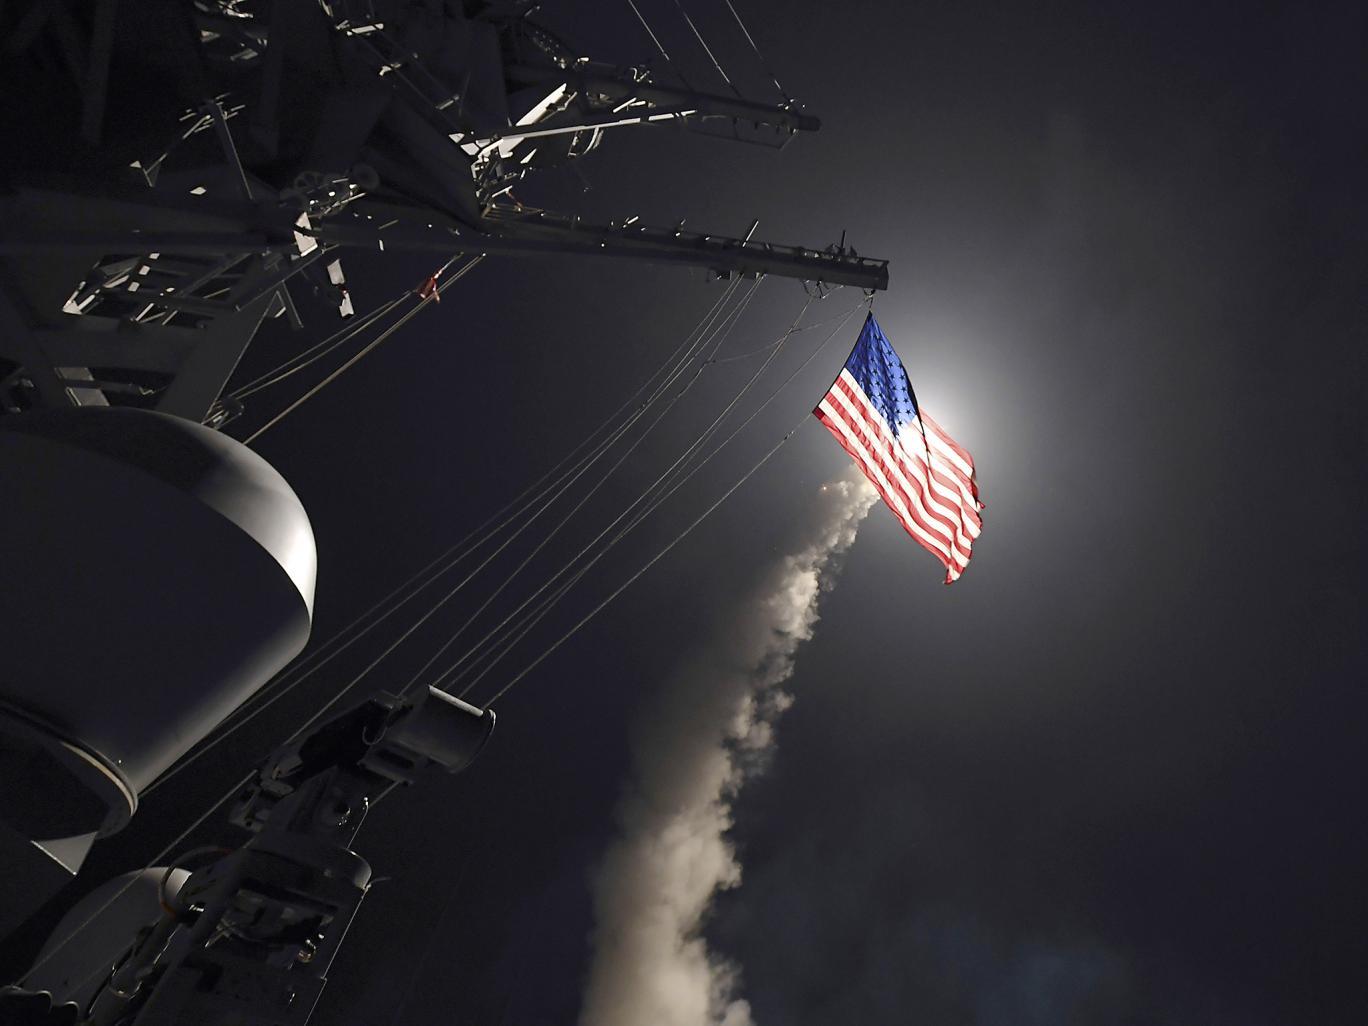 Estados Unidos mata a 4 niños y 70 personas con el ataque de los 56 Tomahawk avaluados en 1.5M cada uno